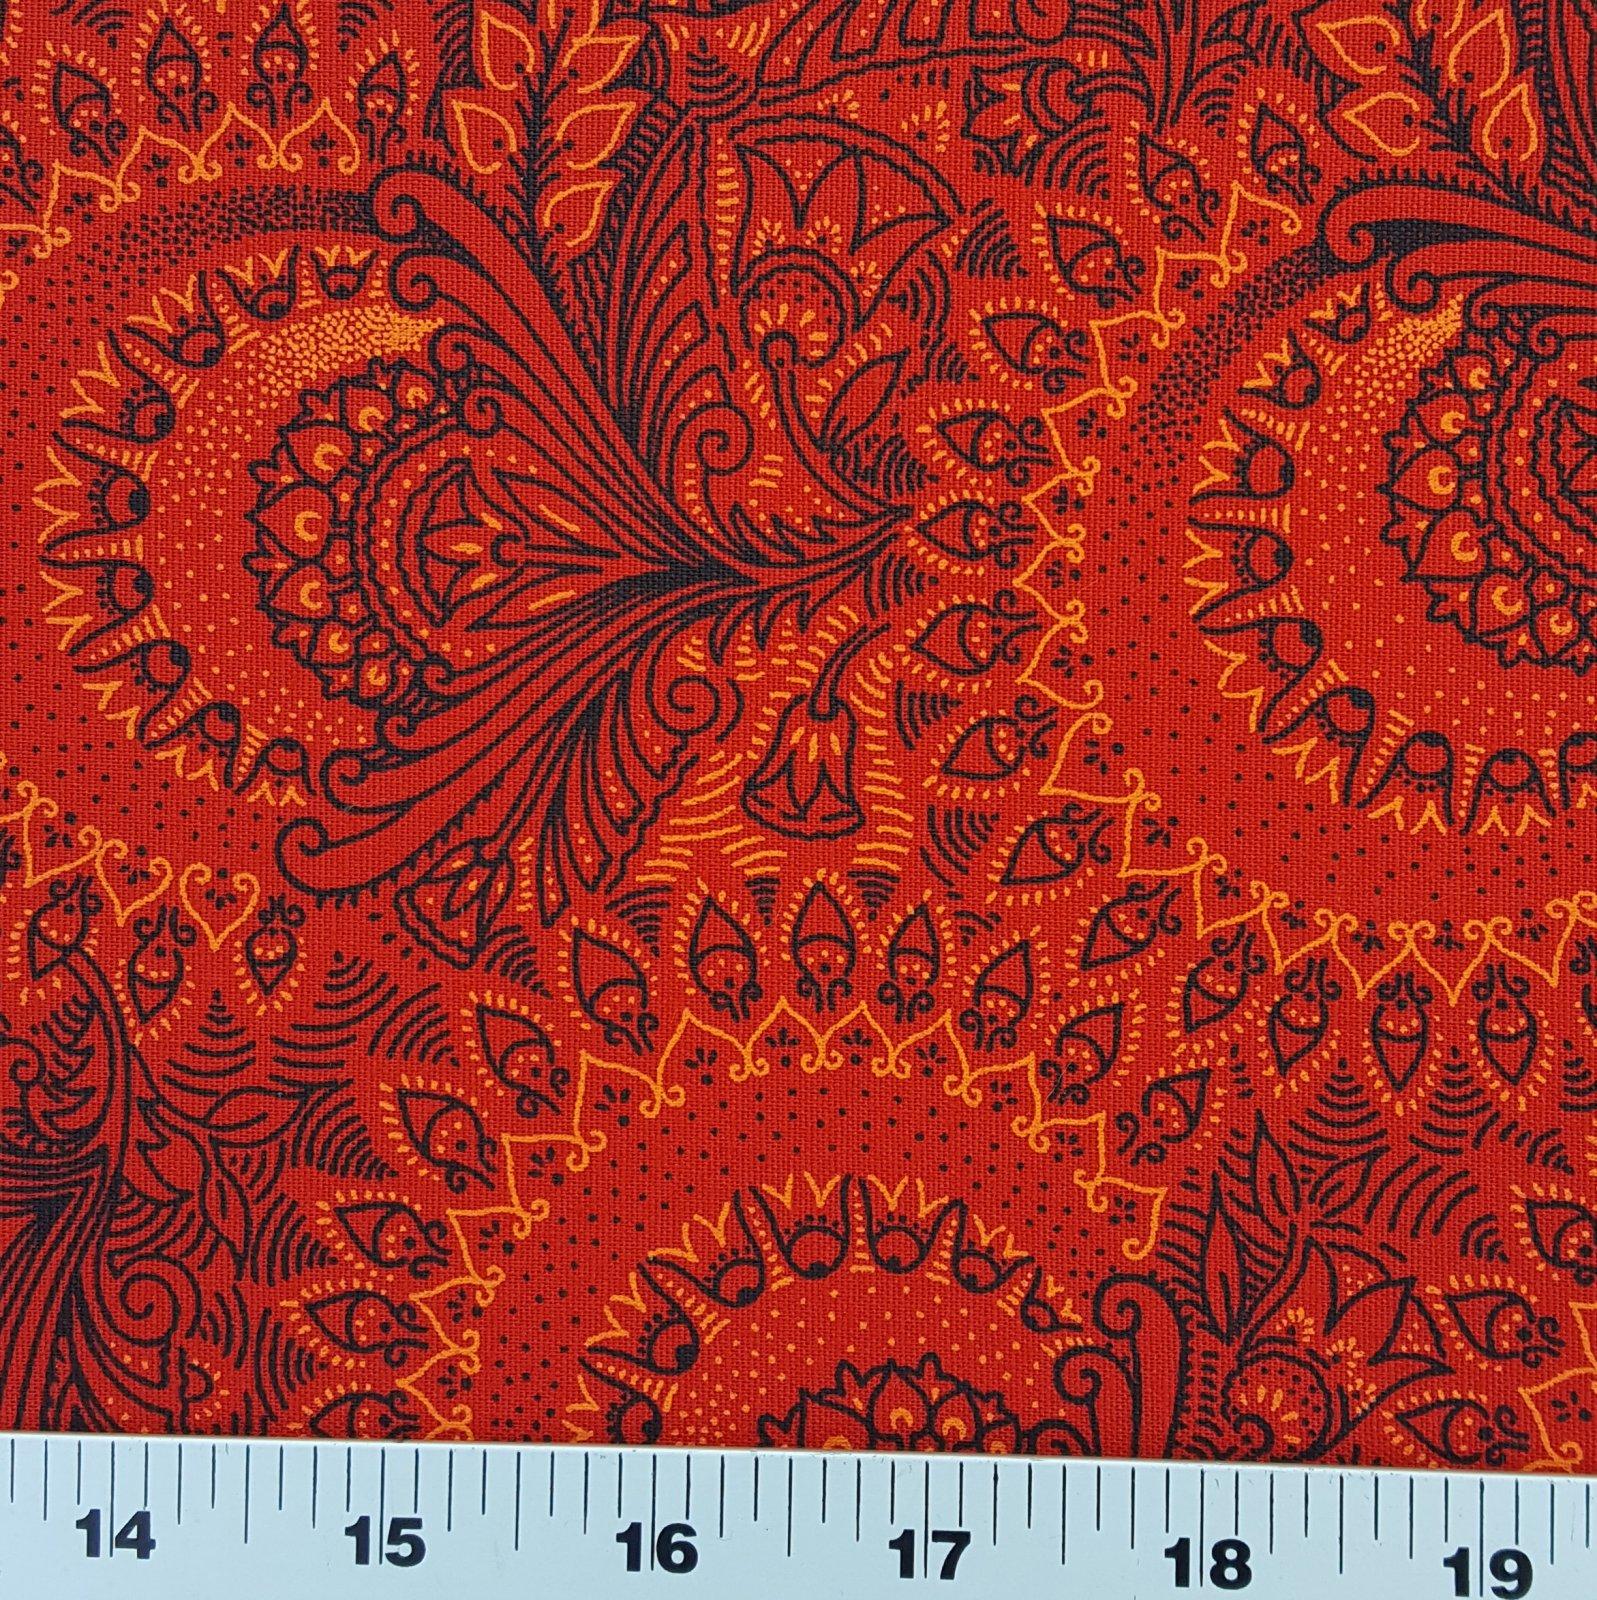 Red orange and black floral shweshwe (0856)